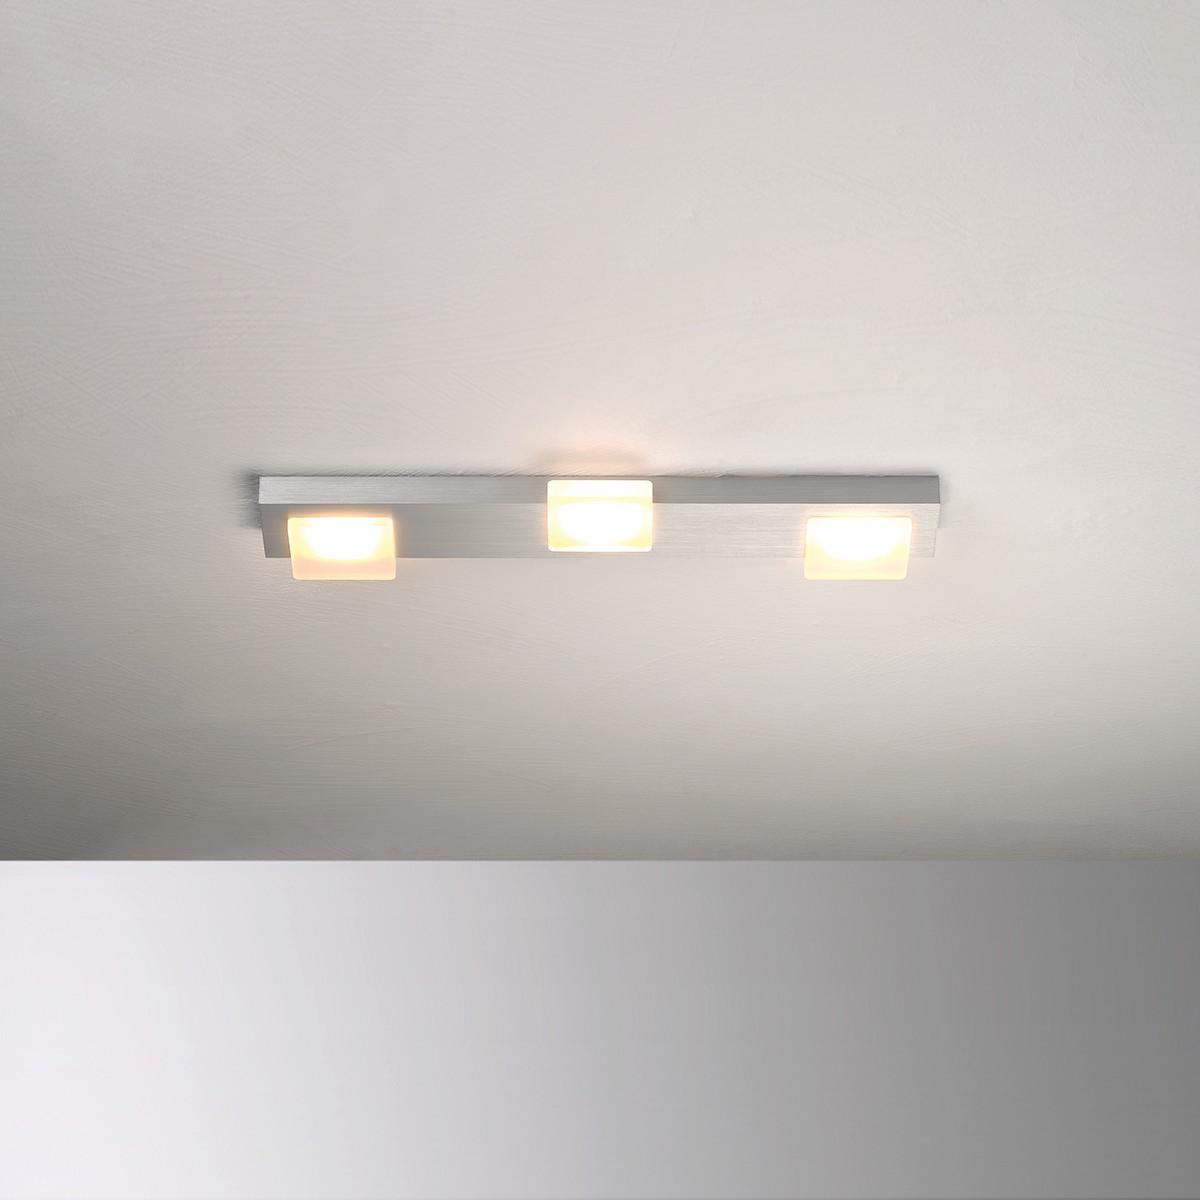 Bopp Lamina LED Deckenleuchte 3-flg., anthrazit